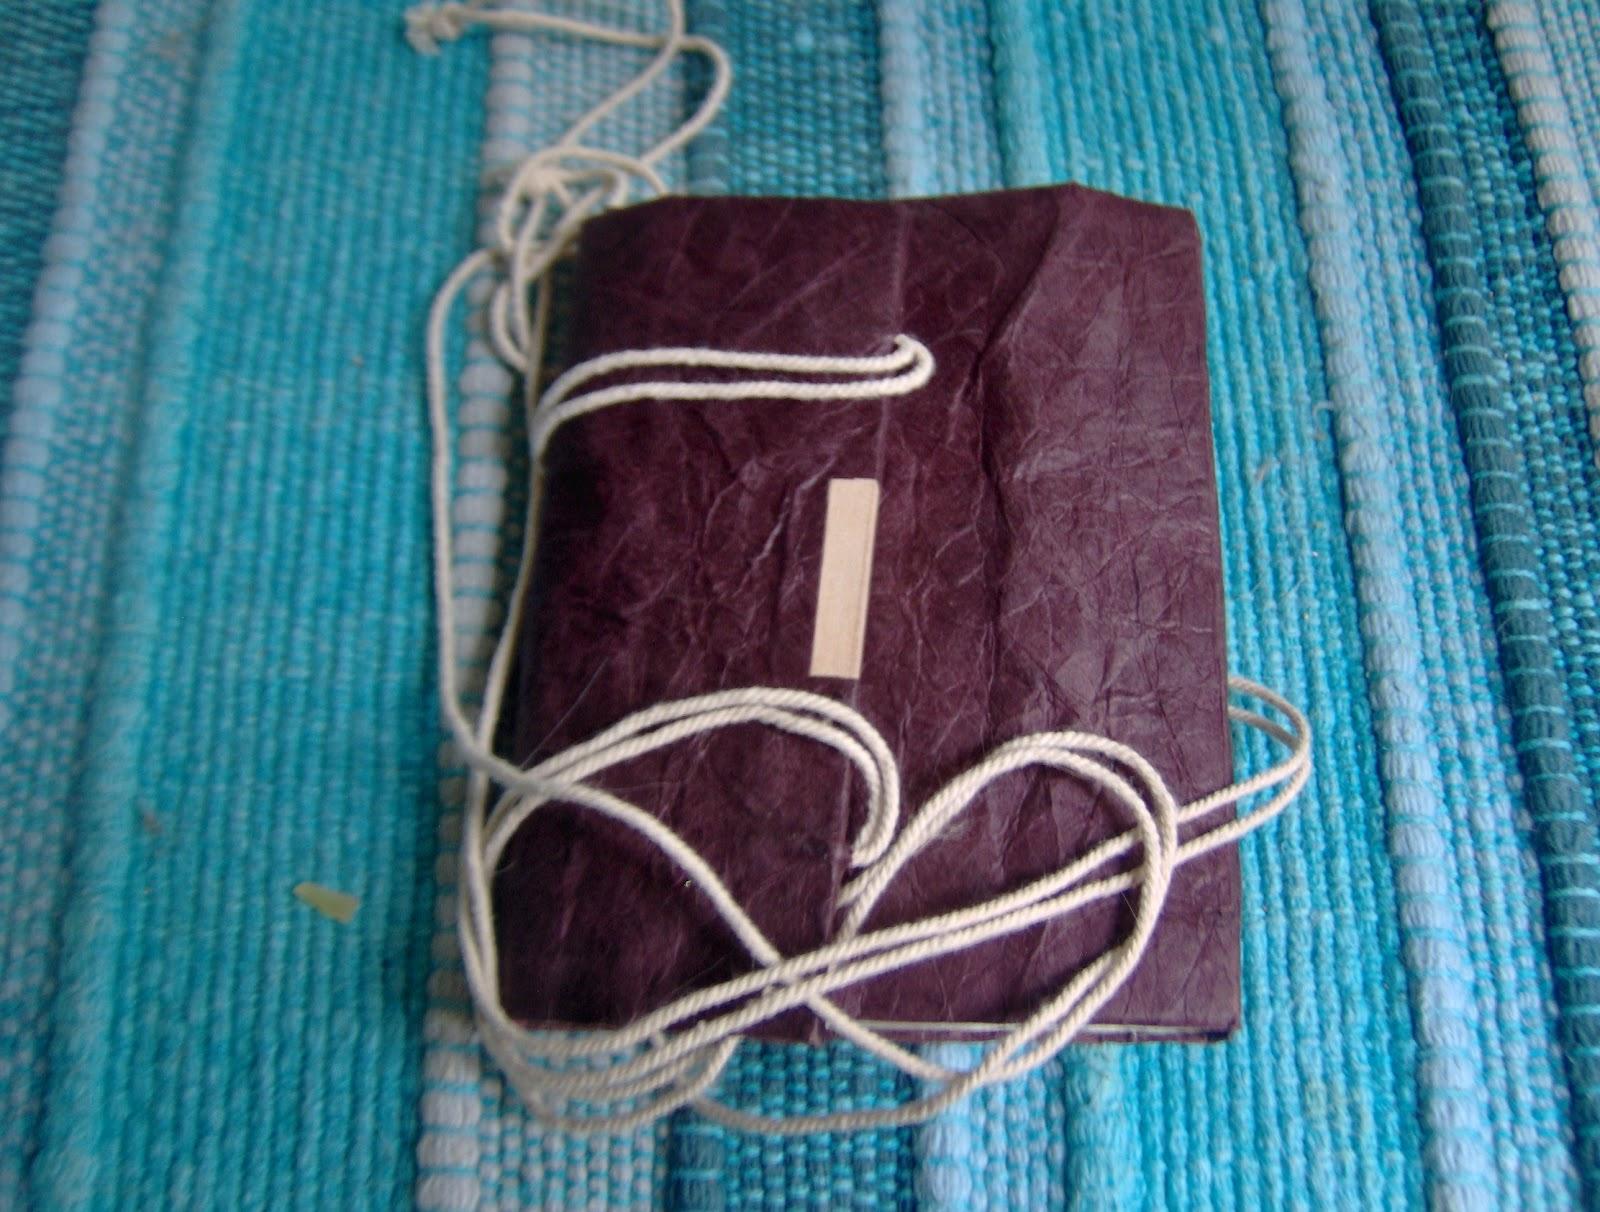 mon carnet de voyage mieux que le travel journal le journal de tara. Black Bedroom Furniture Sets. Home Design Ideas